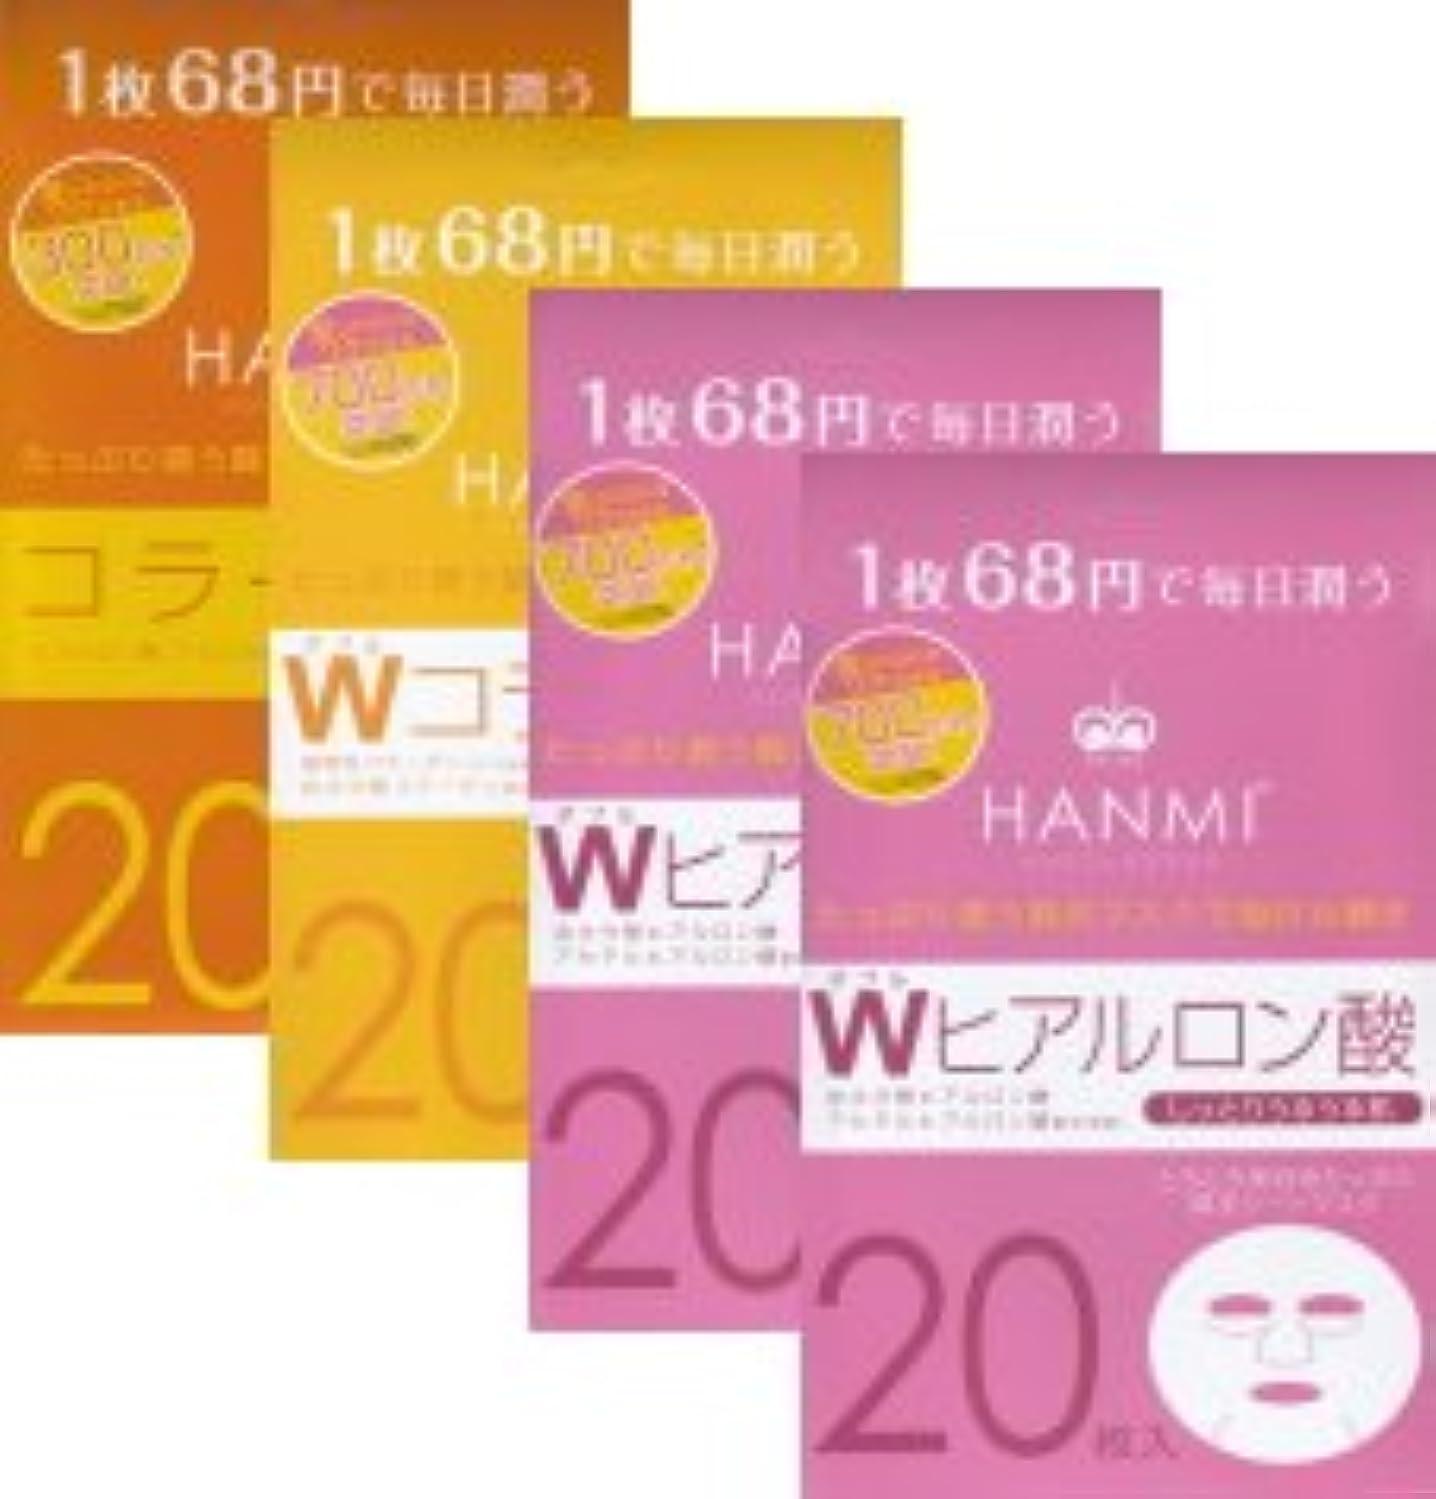 マイナー入り口眠いですMIGAKI ハンミフェイスマスク(20枚入り)「コラーゲン×1個」「Wコラーゲン×1個「Wヒアルロン酸×2個」の4個セット